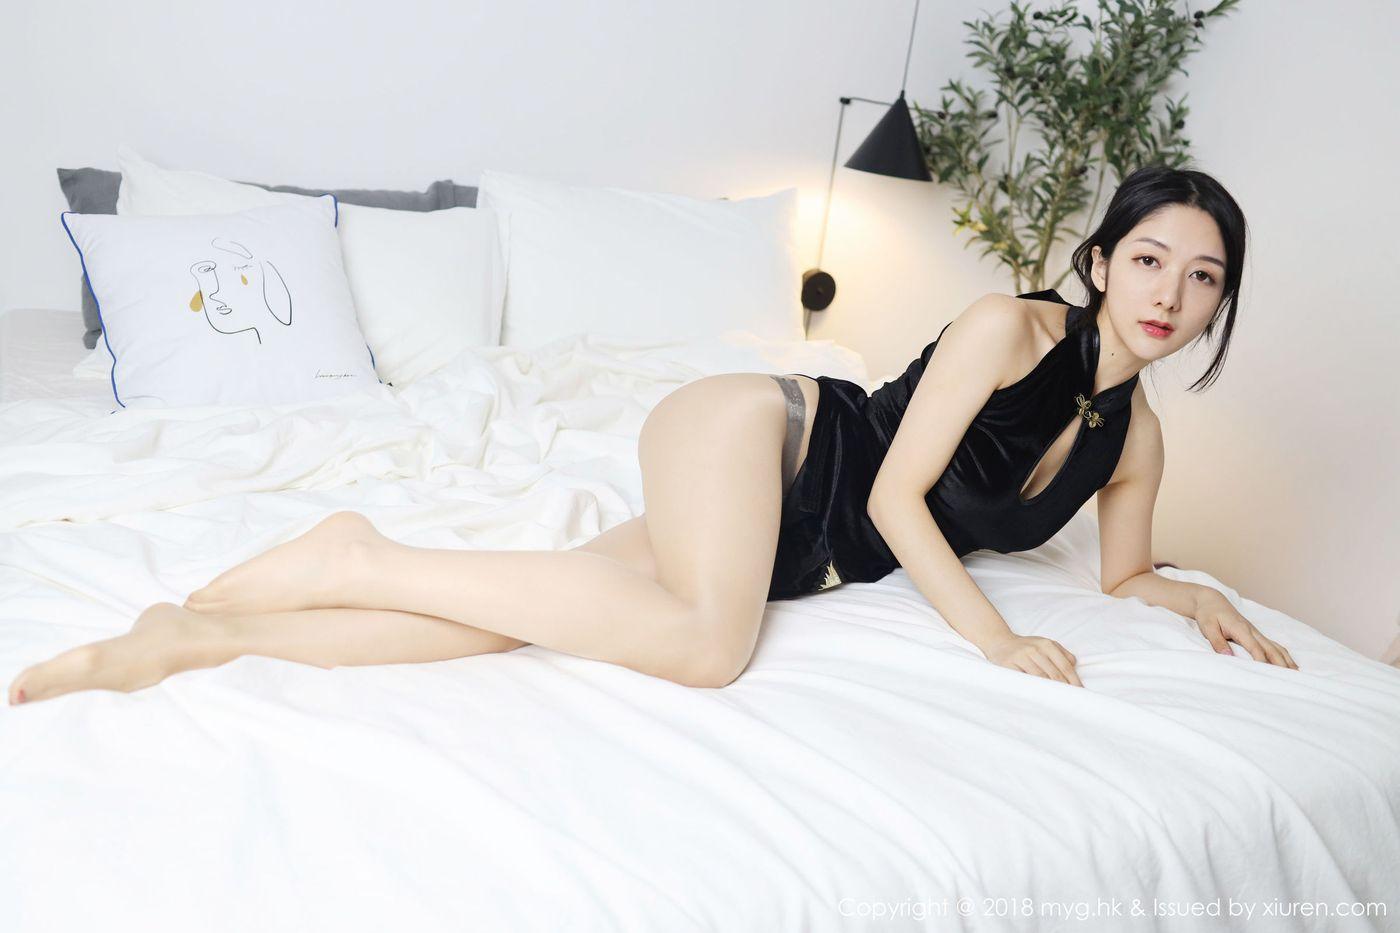 旗袍美女丝袜美腿气质美女翘臀性感女神美媛馆-[小热巴]超高清写真图片 1620158585更新